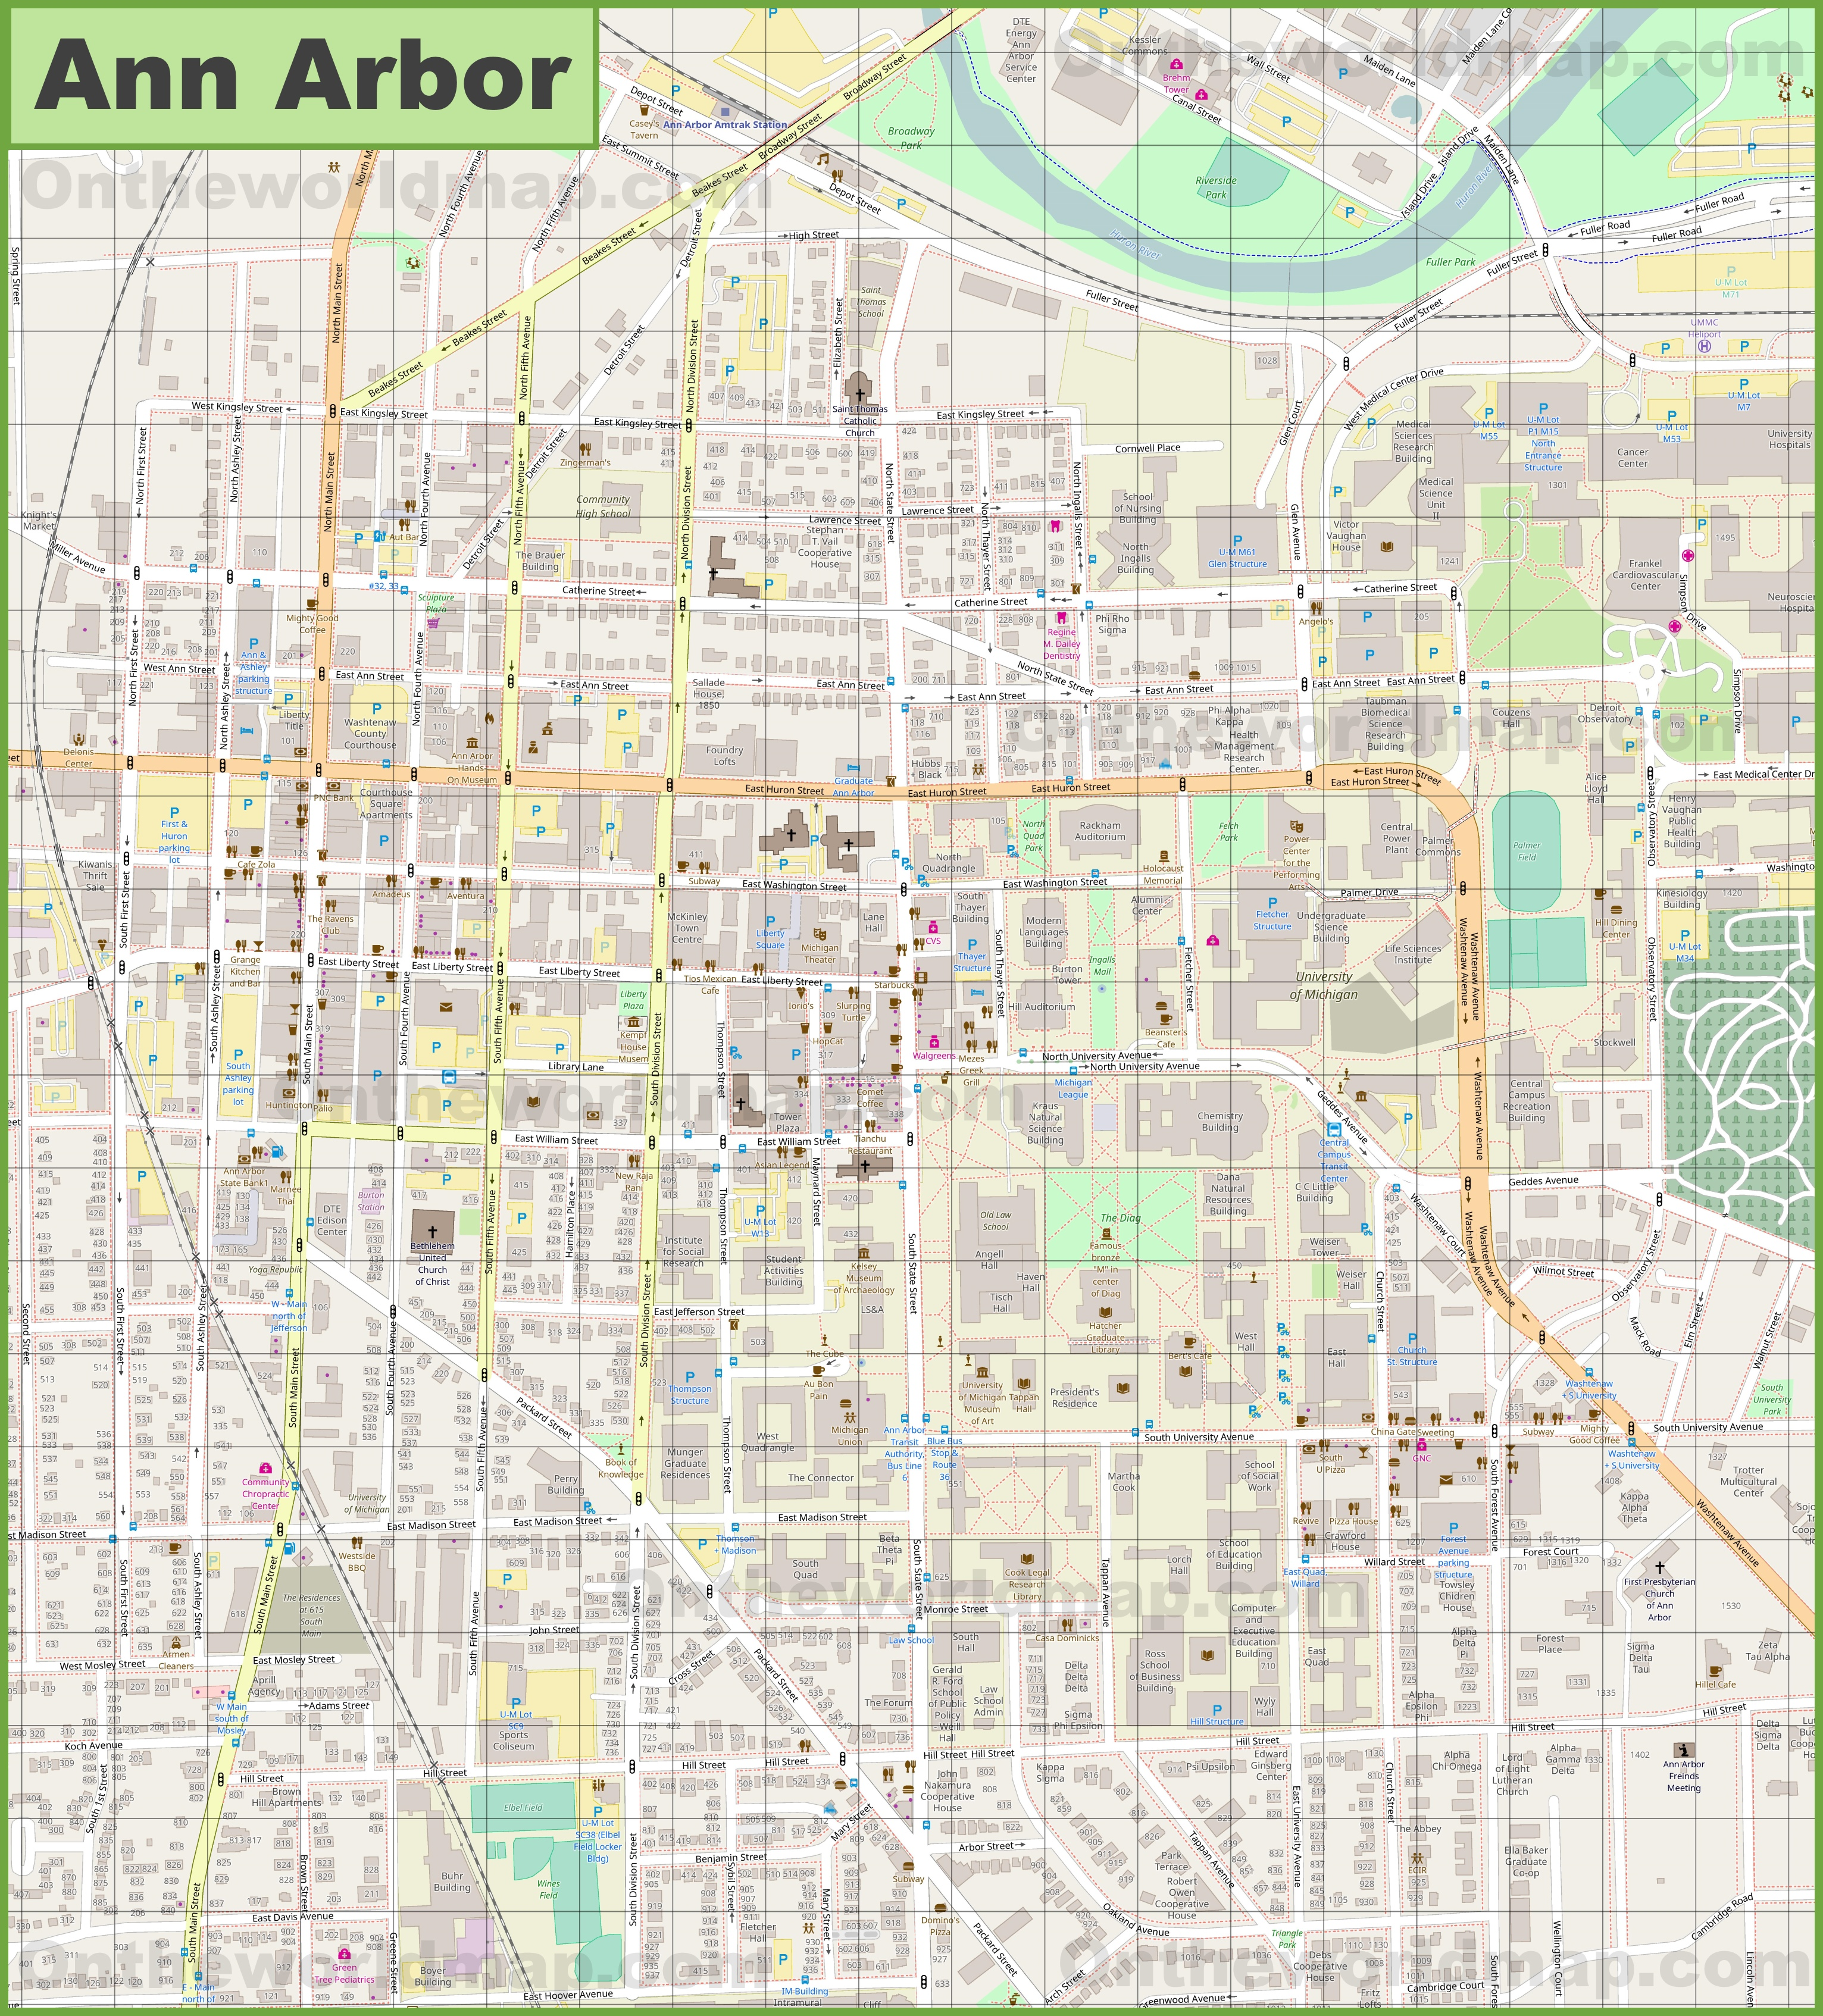 Ann Arbor downtown map